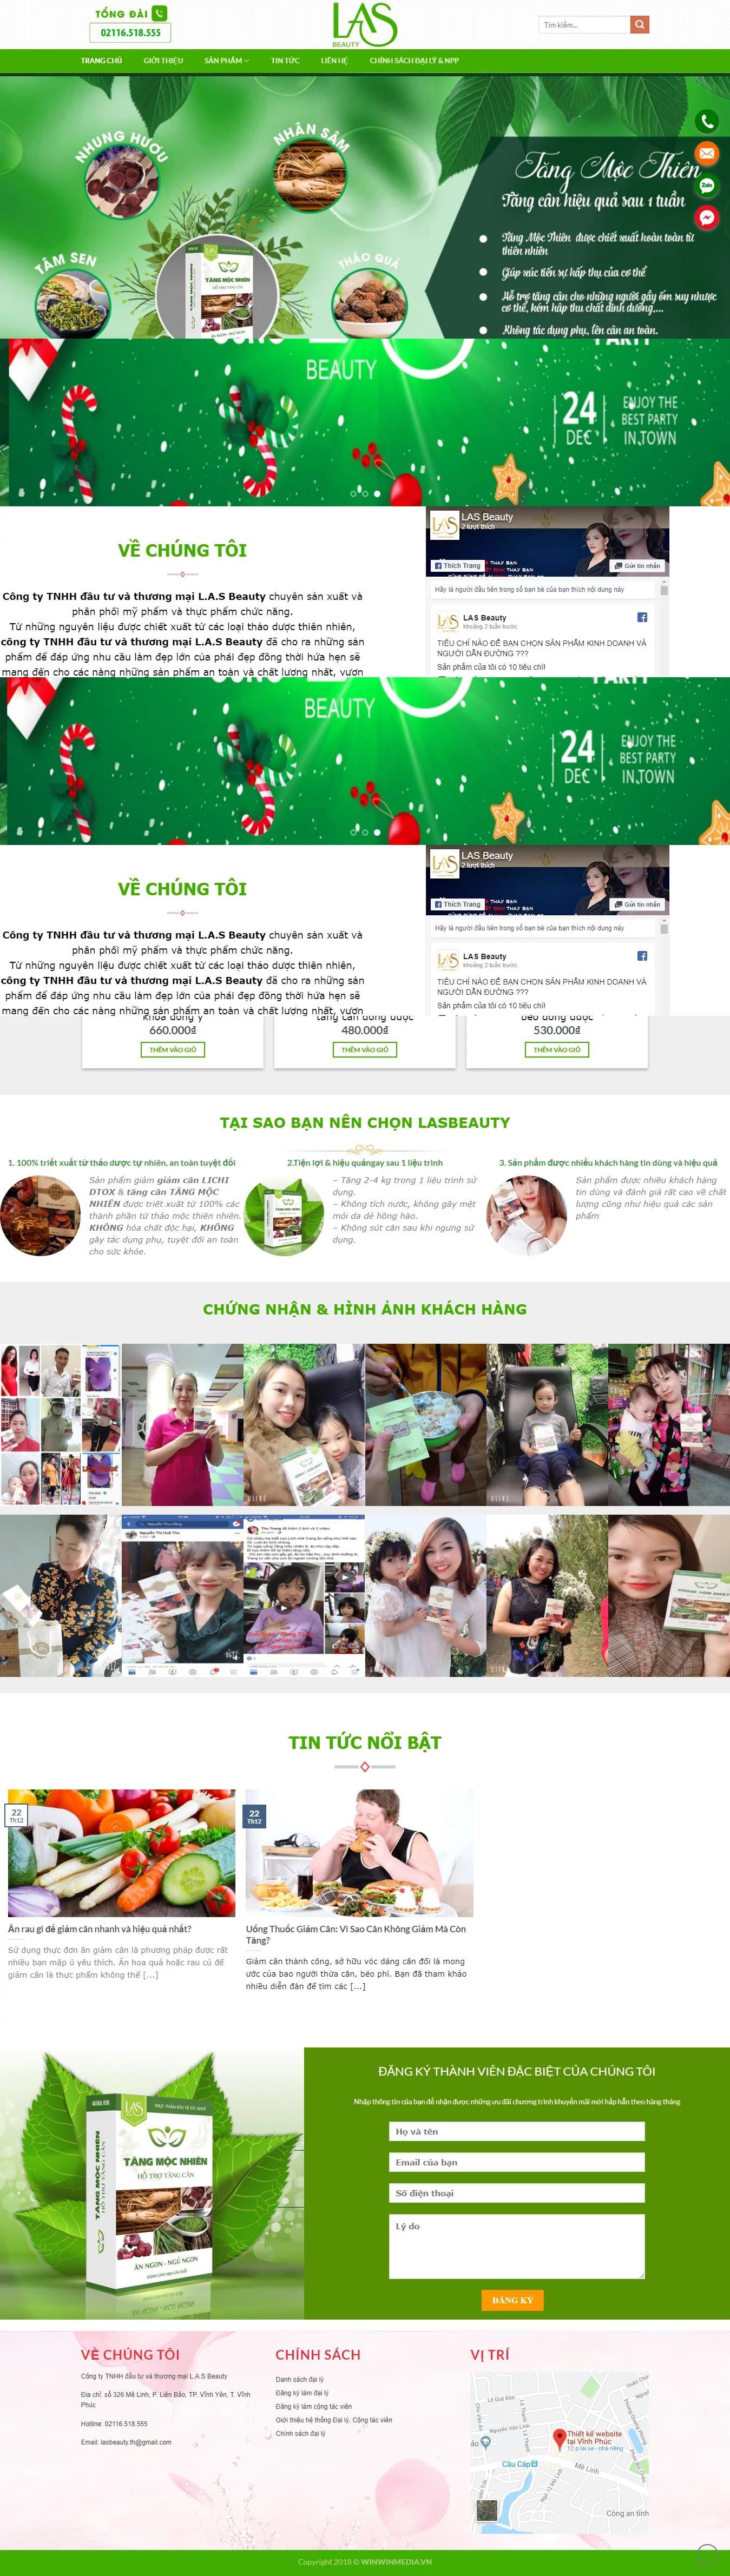 Thiết kế website mỹ phẩm L.A.S Beauty